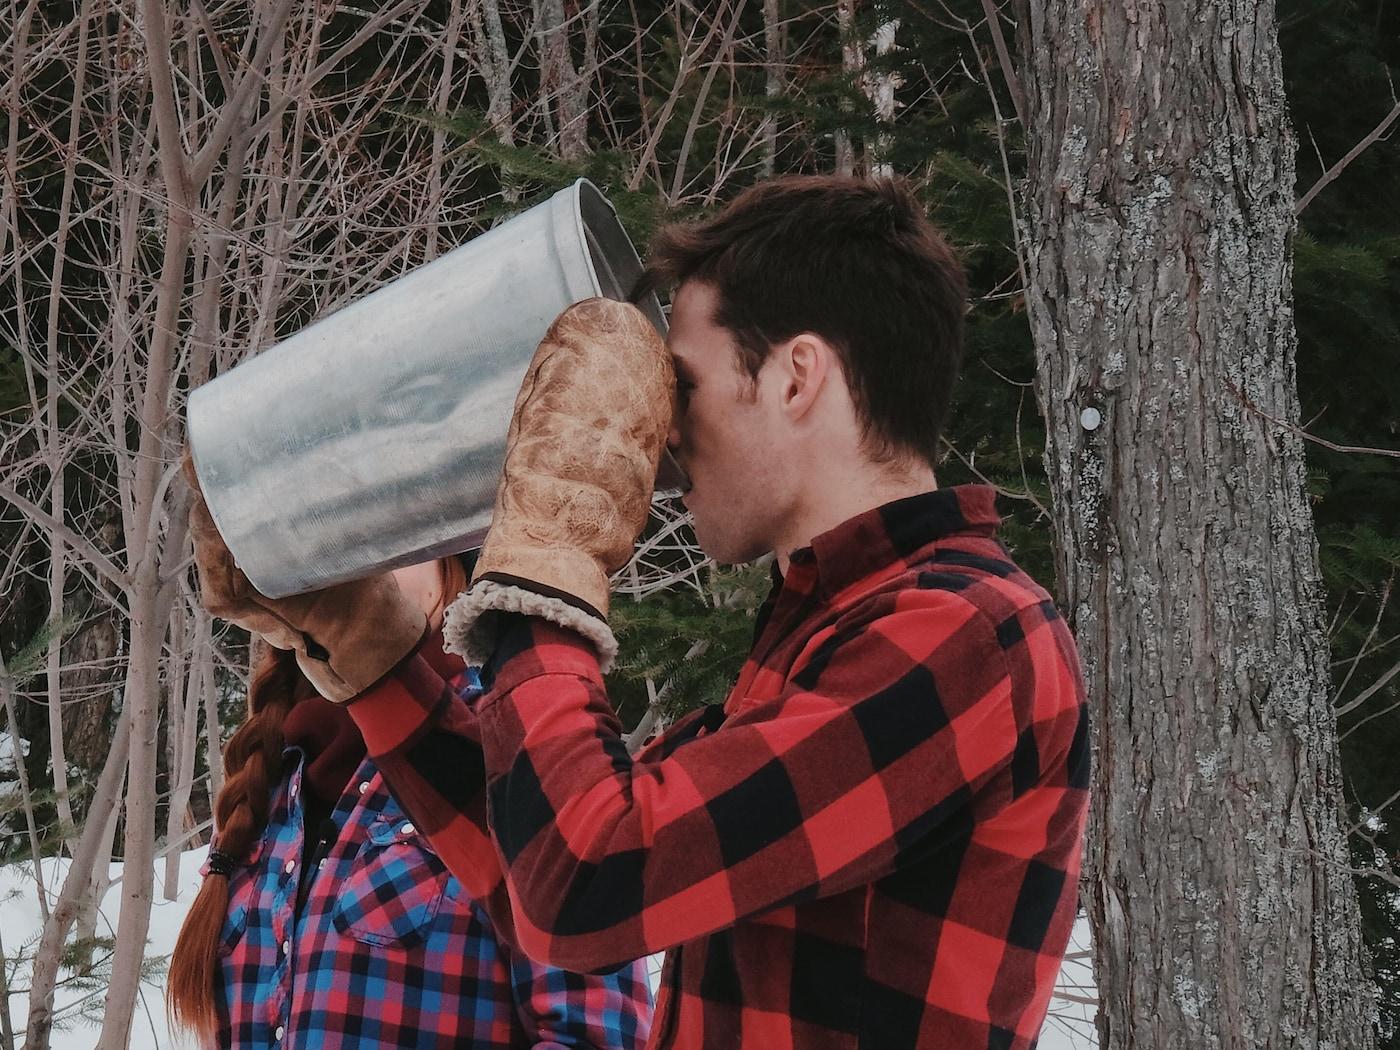 Nicolas boit de l'eau d'érable à même une chaudière